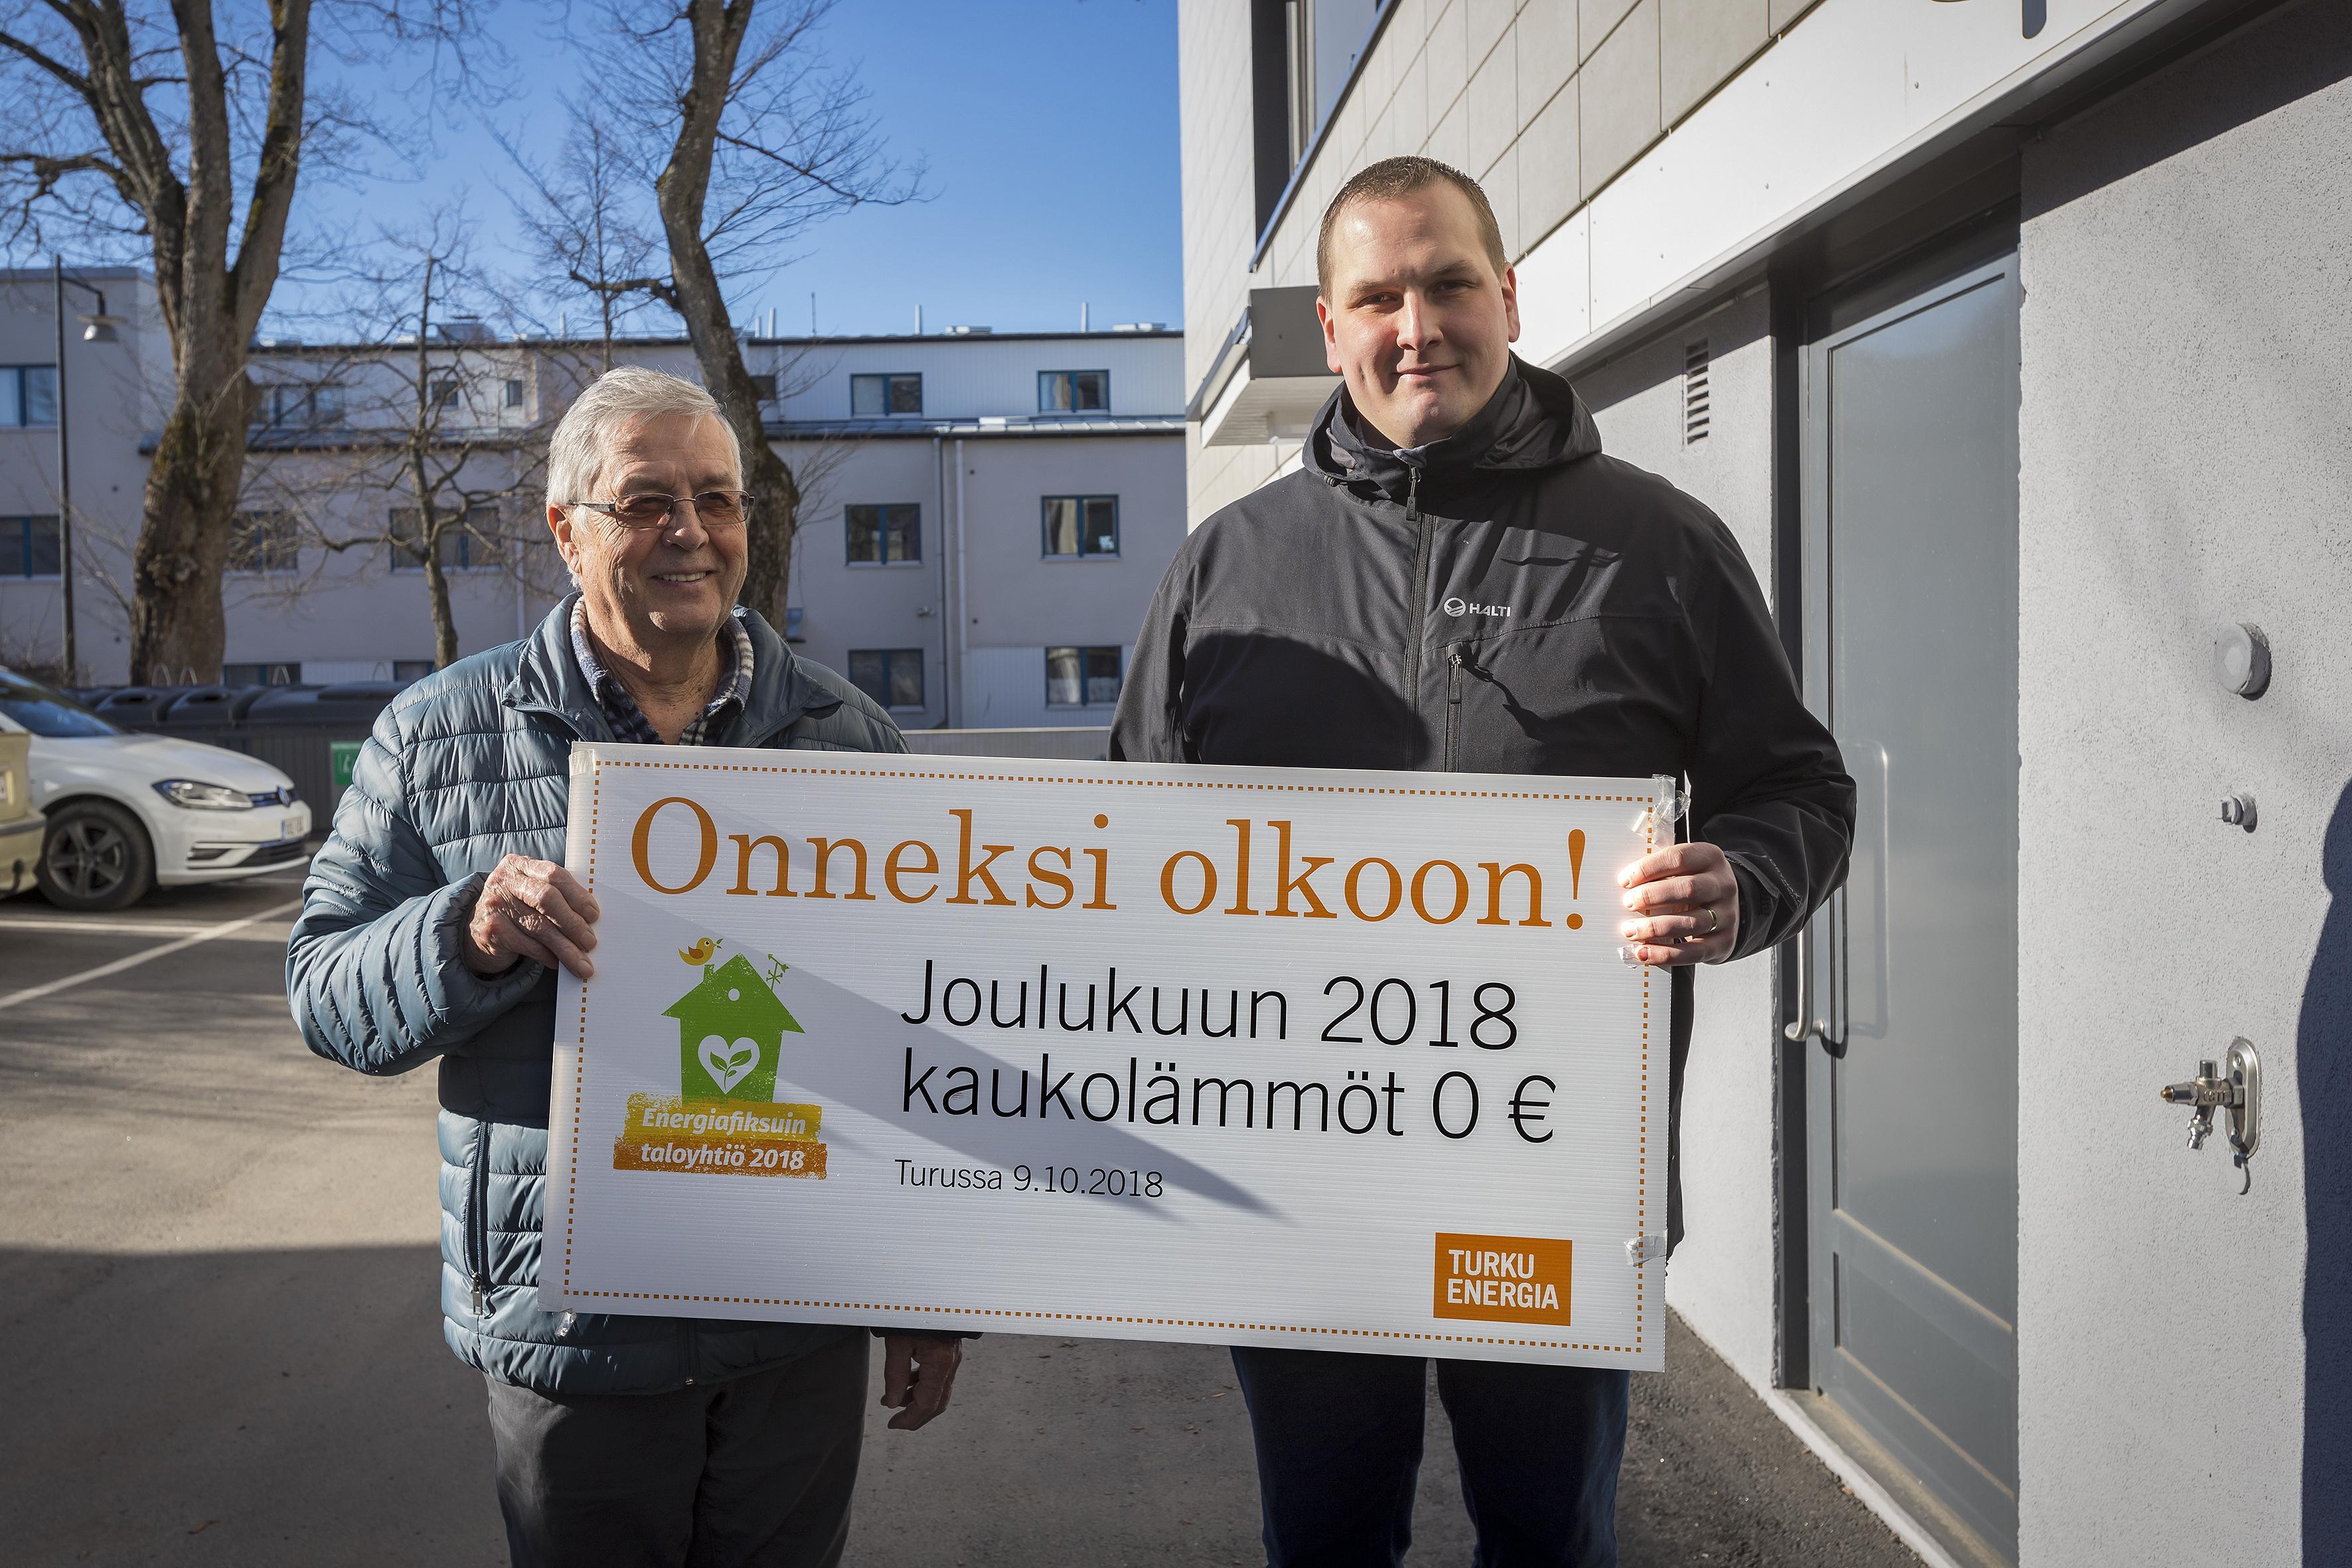 """Energiafiksuin taloyhtiö sai palkinnoksi shekin, jossa lukee: """"Onneksi olkoon! Joulukuun 2018 kaukolämmöt 0 €""""."""